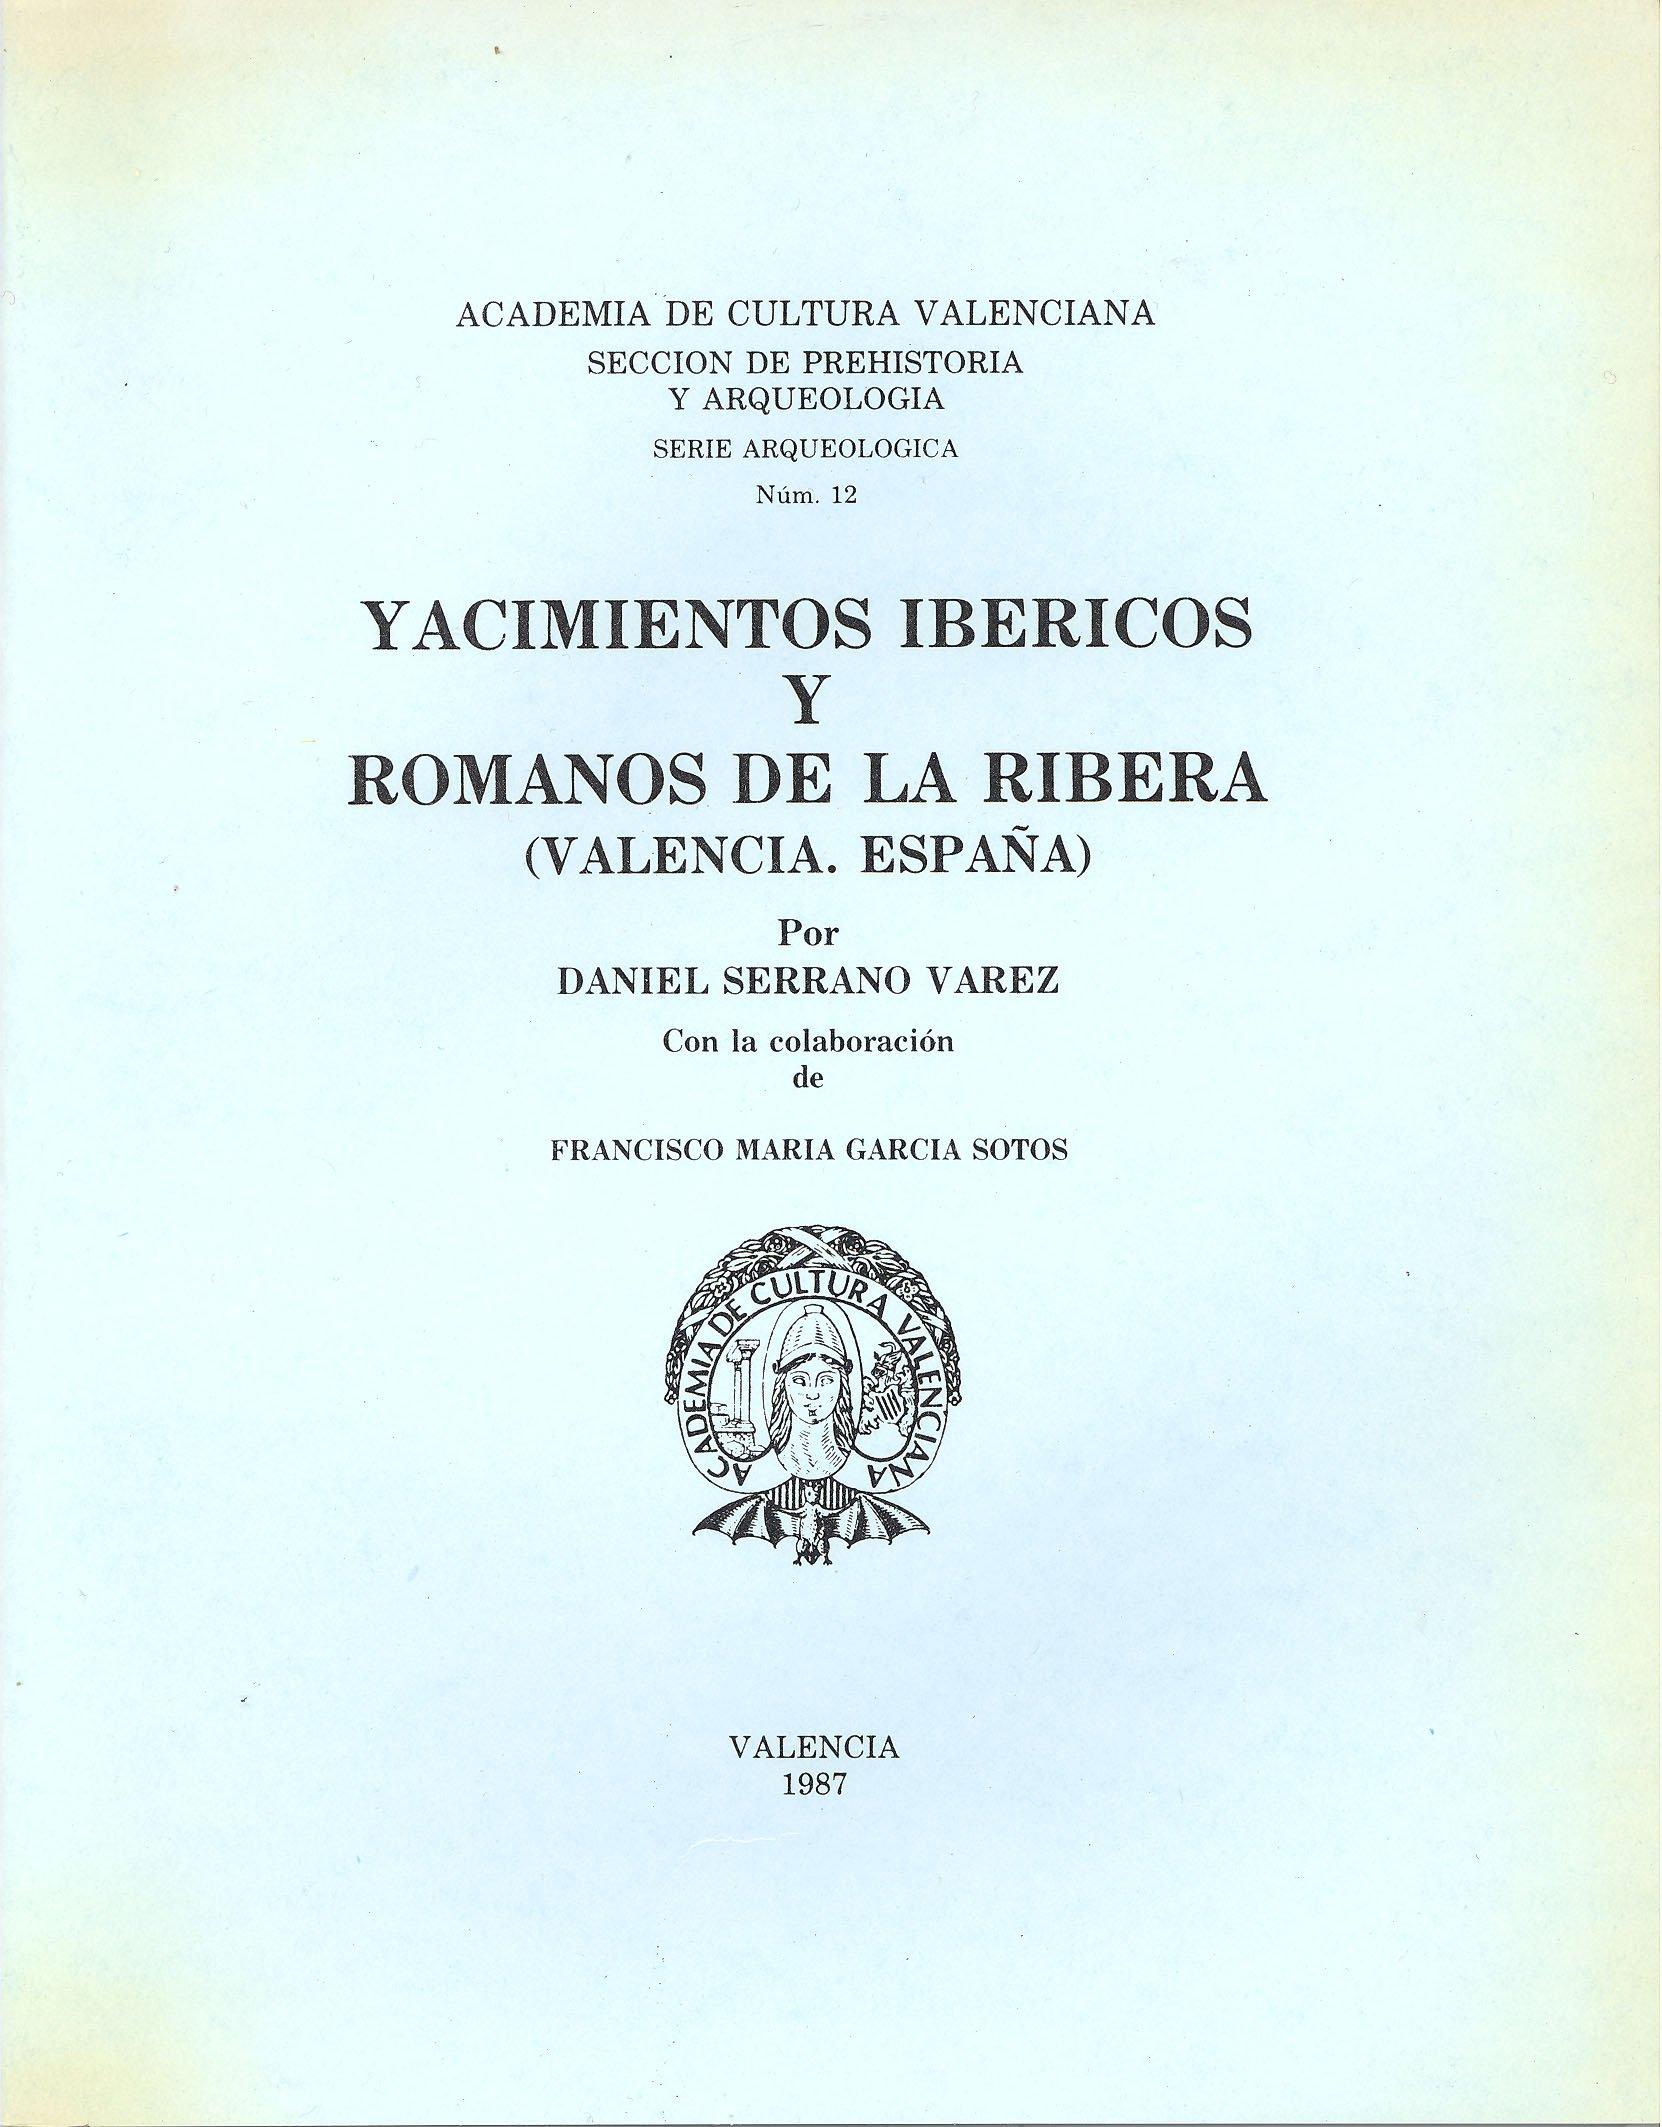 YACIMIENTOS IBERICOS Y ROMANOS DE LA RIBERA VALENCIA, ESPAÑA: Amazon.es: SERRANO VAREZ, D. / F. M. GARCIA SOTOS: Libros